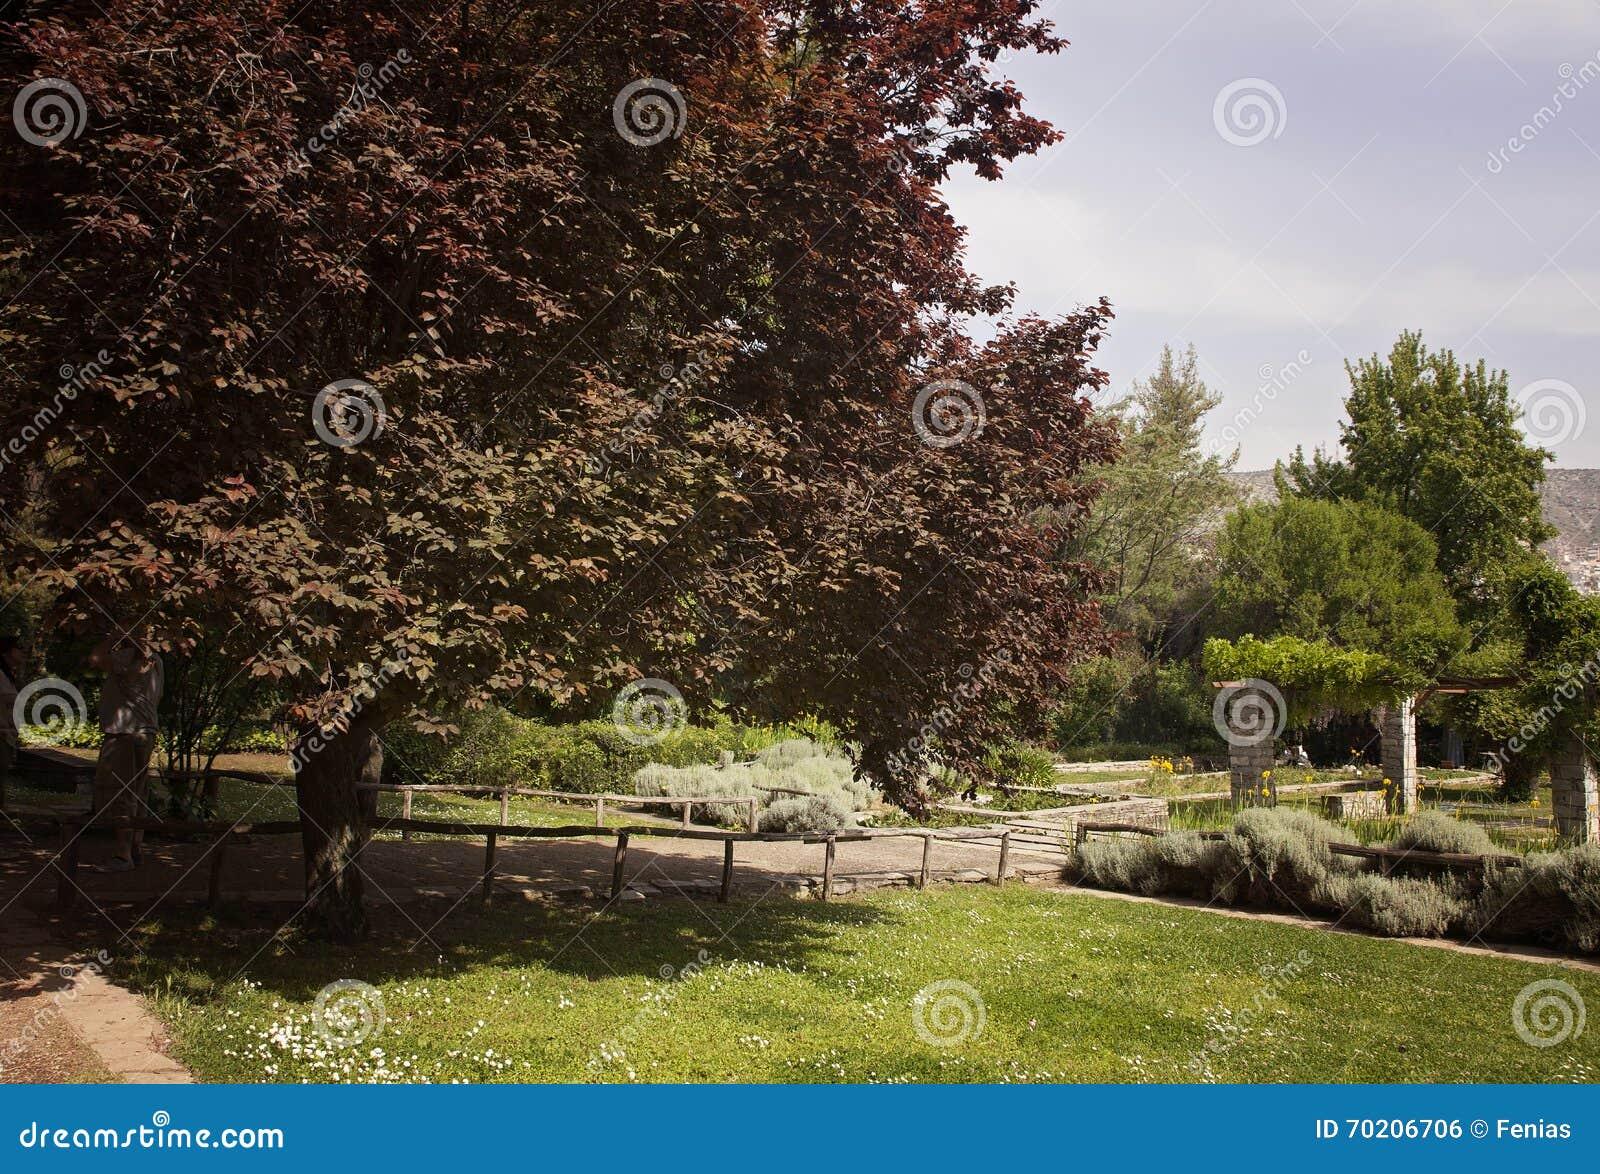 Botanical gardens stock photo. Image of beauty, bridge - 70206706